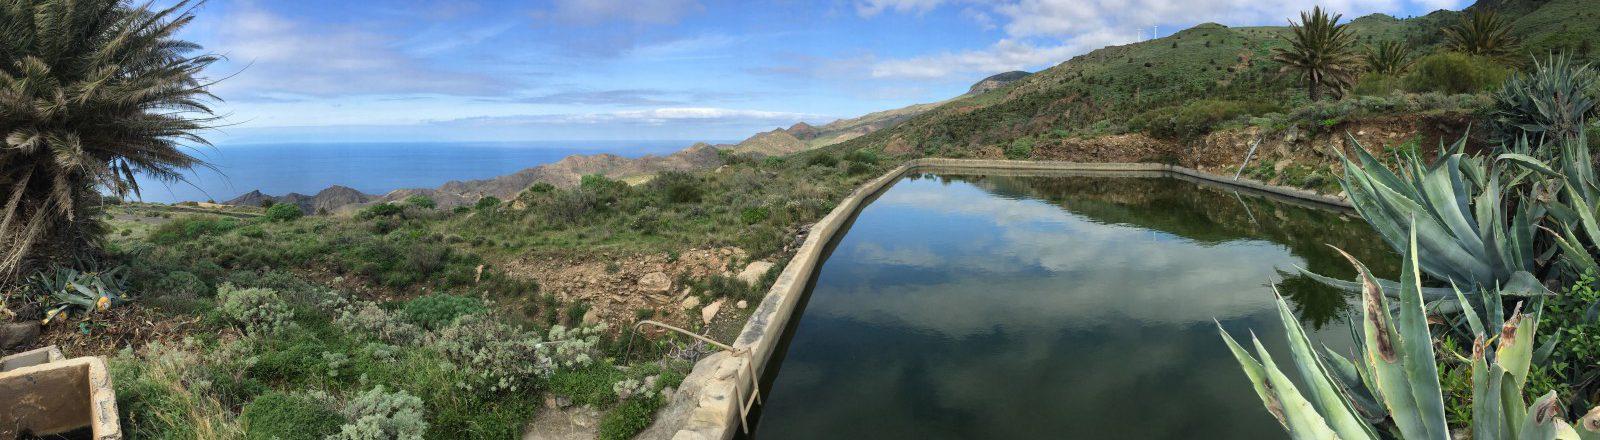 Una de las numerosas piscinas de Alojera.